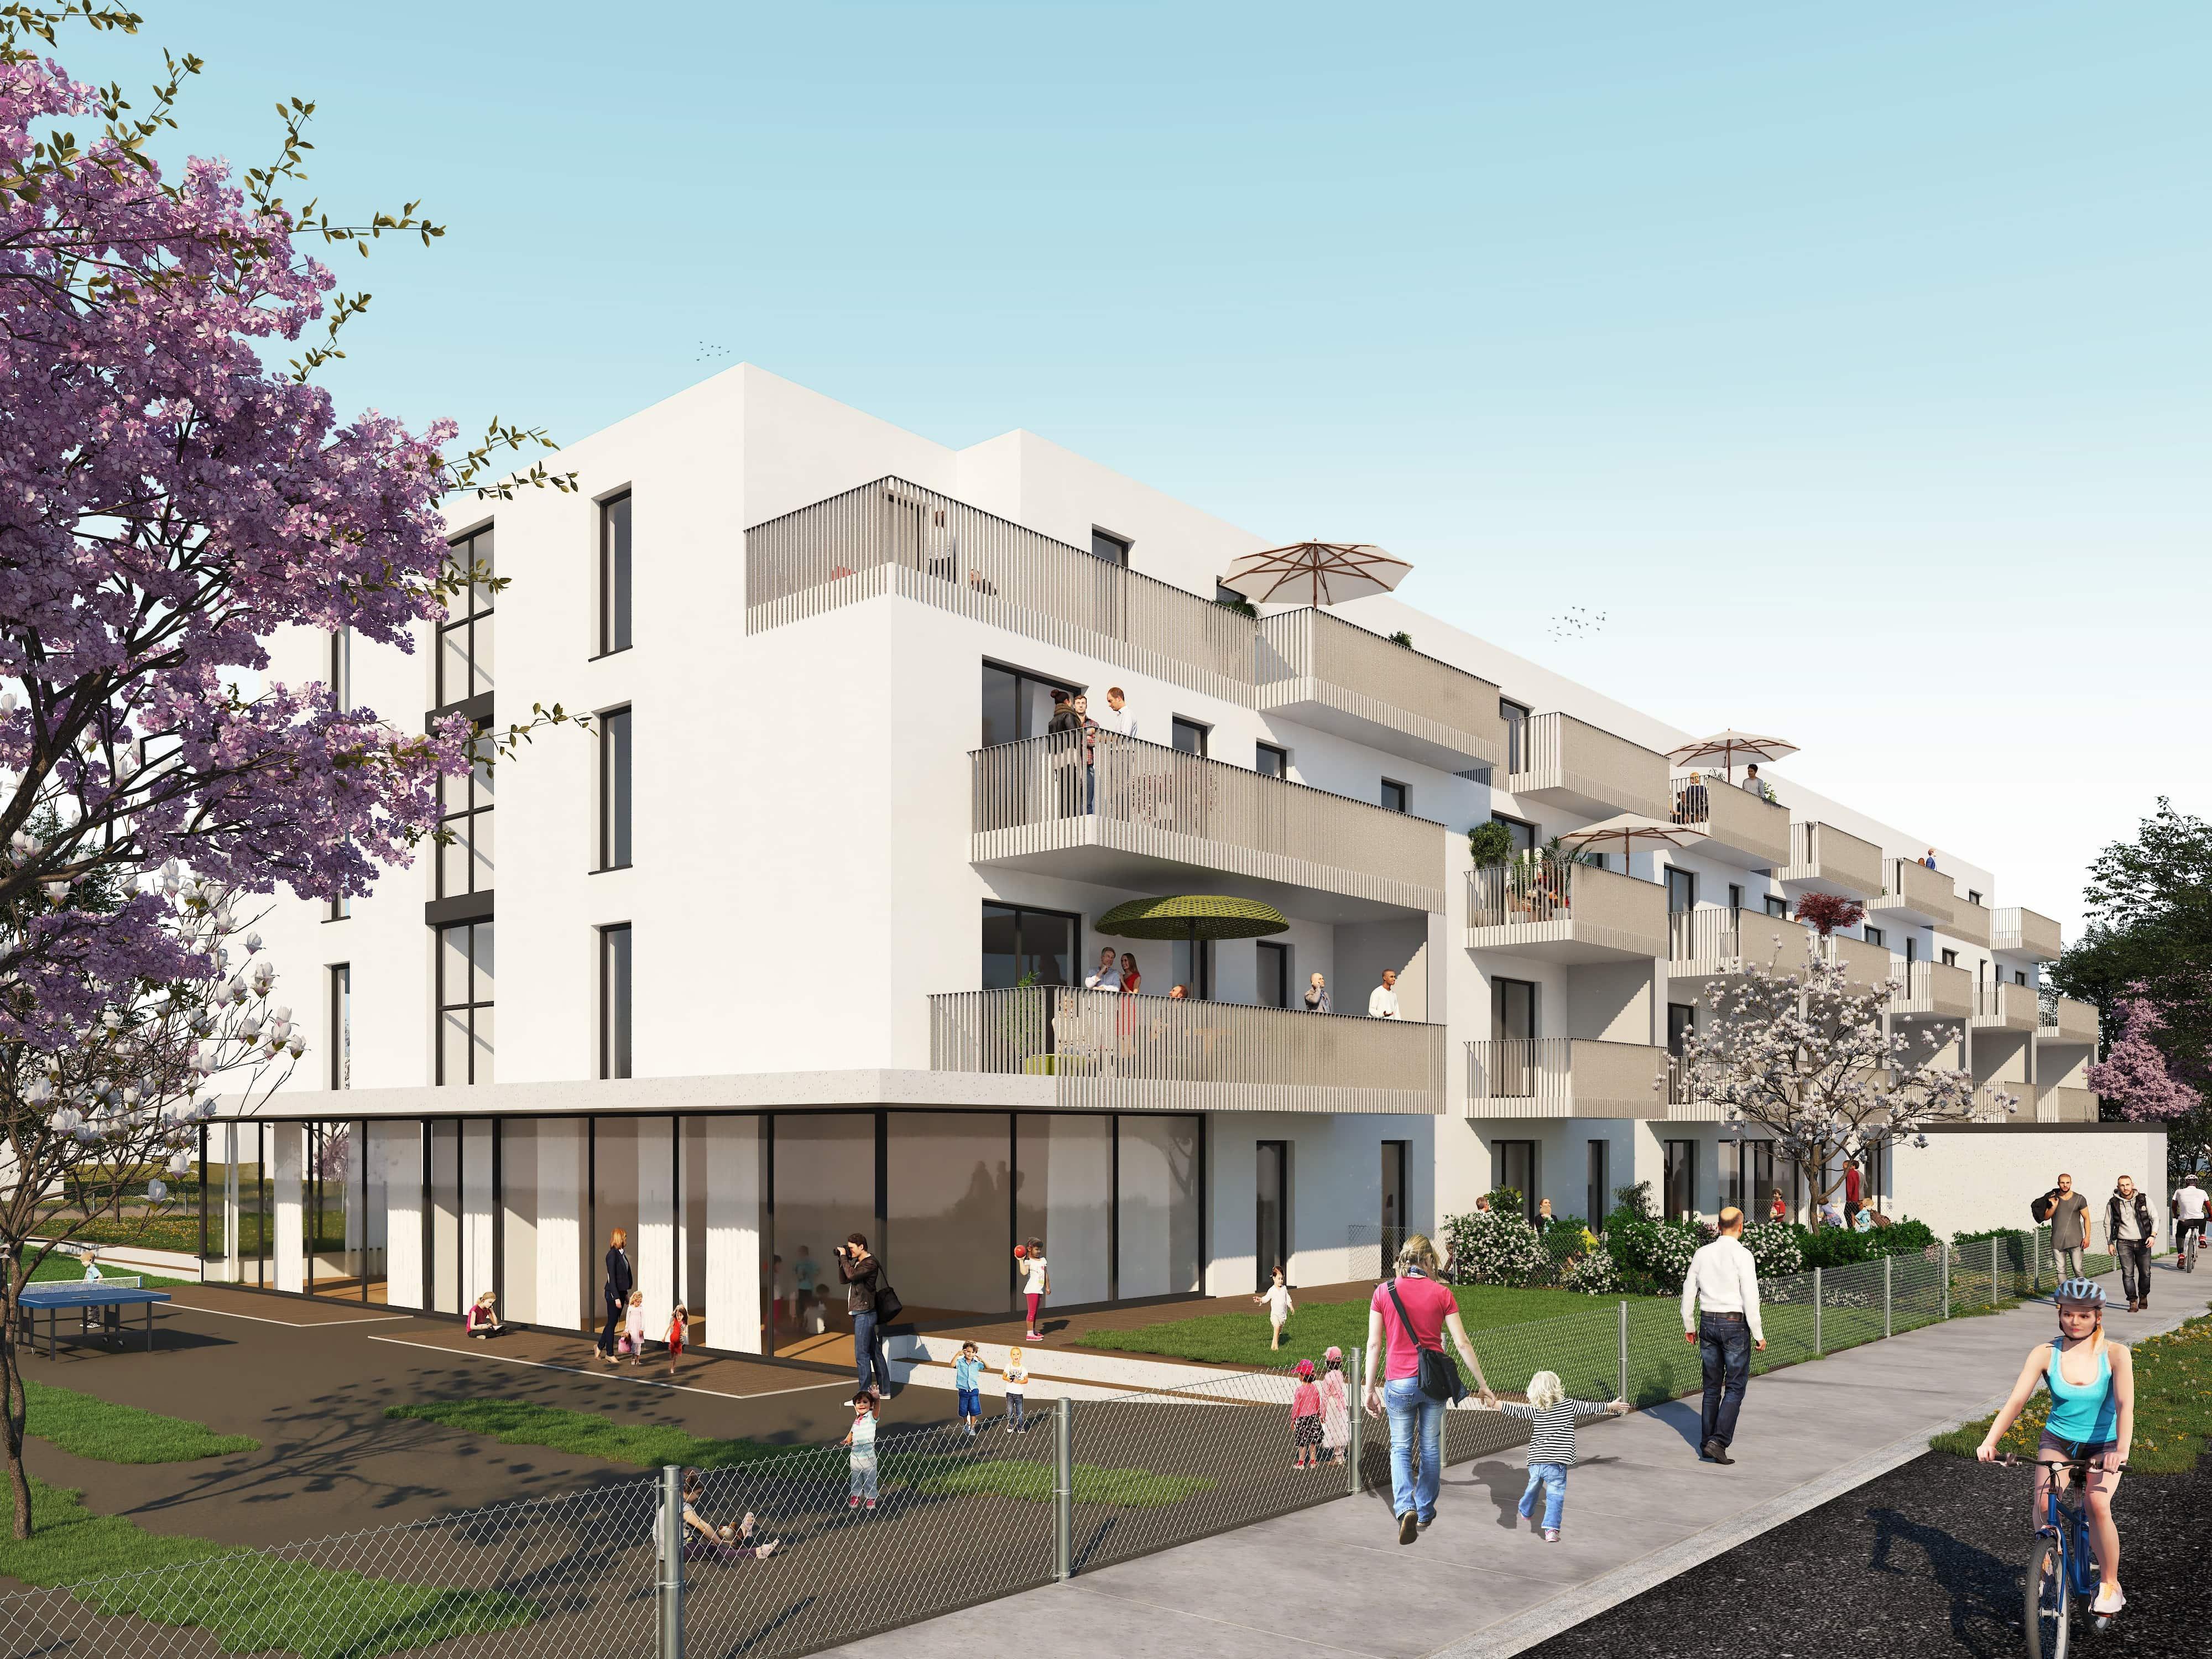 © RUNSER / PRANTL architekten, Passiv Wohnhausanlage, Groß-Enzersdorf, Niederösterreich, Österreich, Wettbewerb, 2019, Passiv Wohnhausanlage